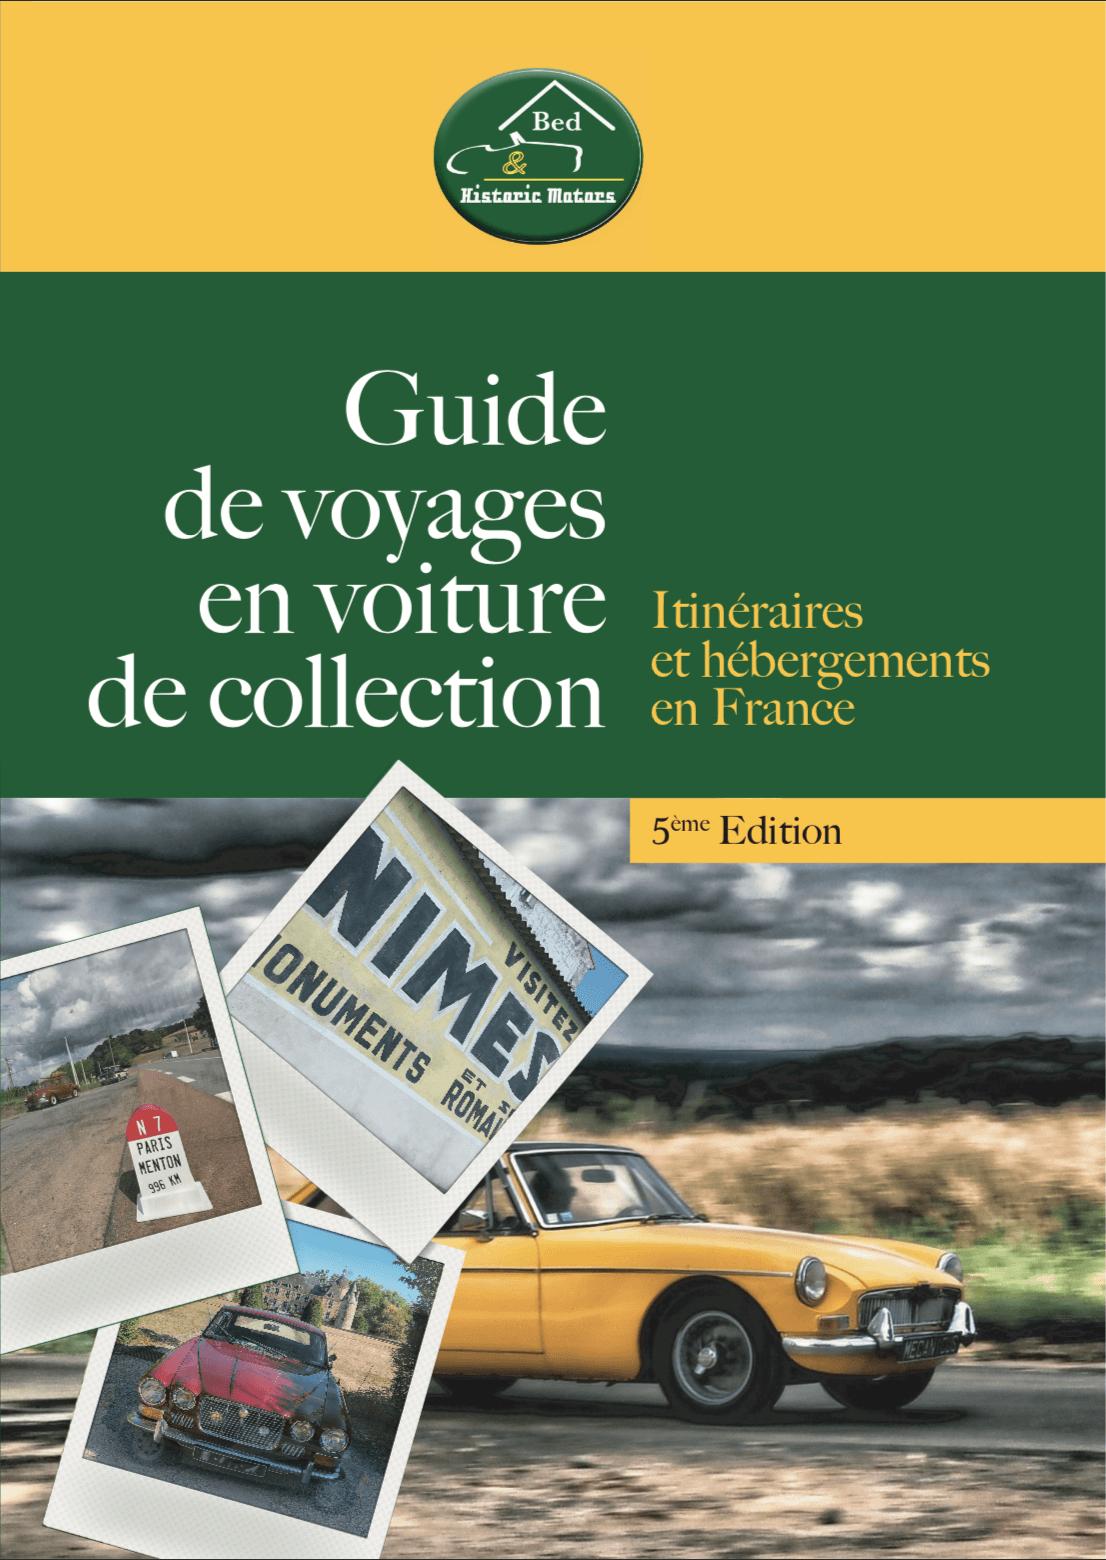 Guide de voyage 5eme edition